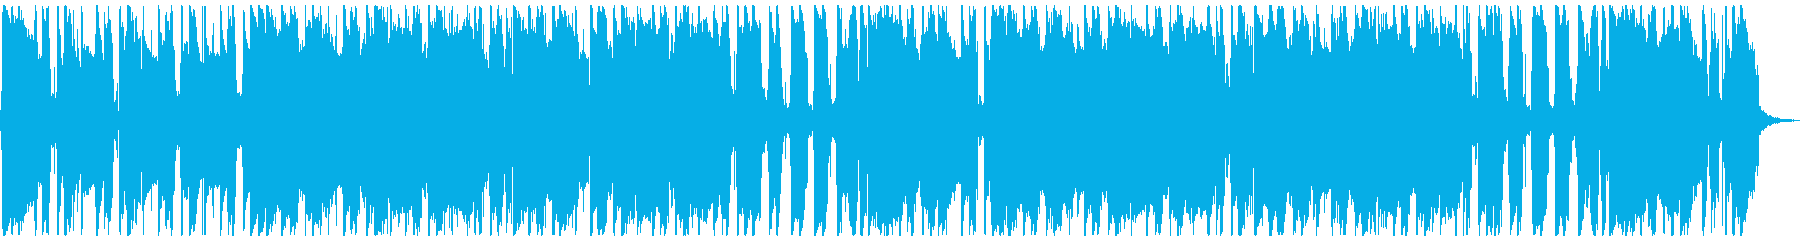 サックスメインのルーズなファンクロックの再生済みの波形